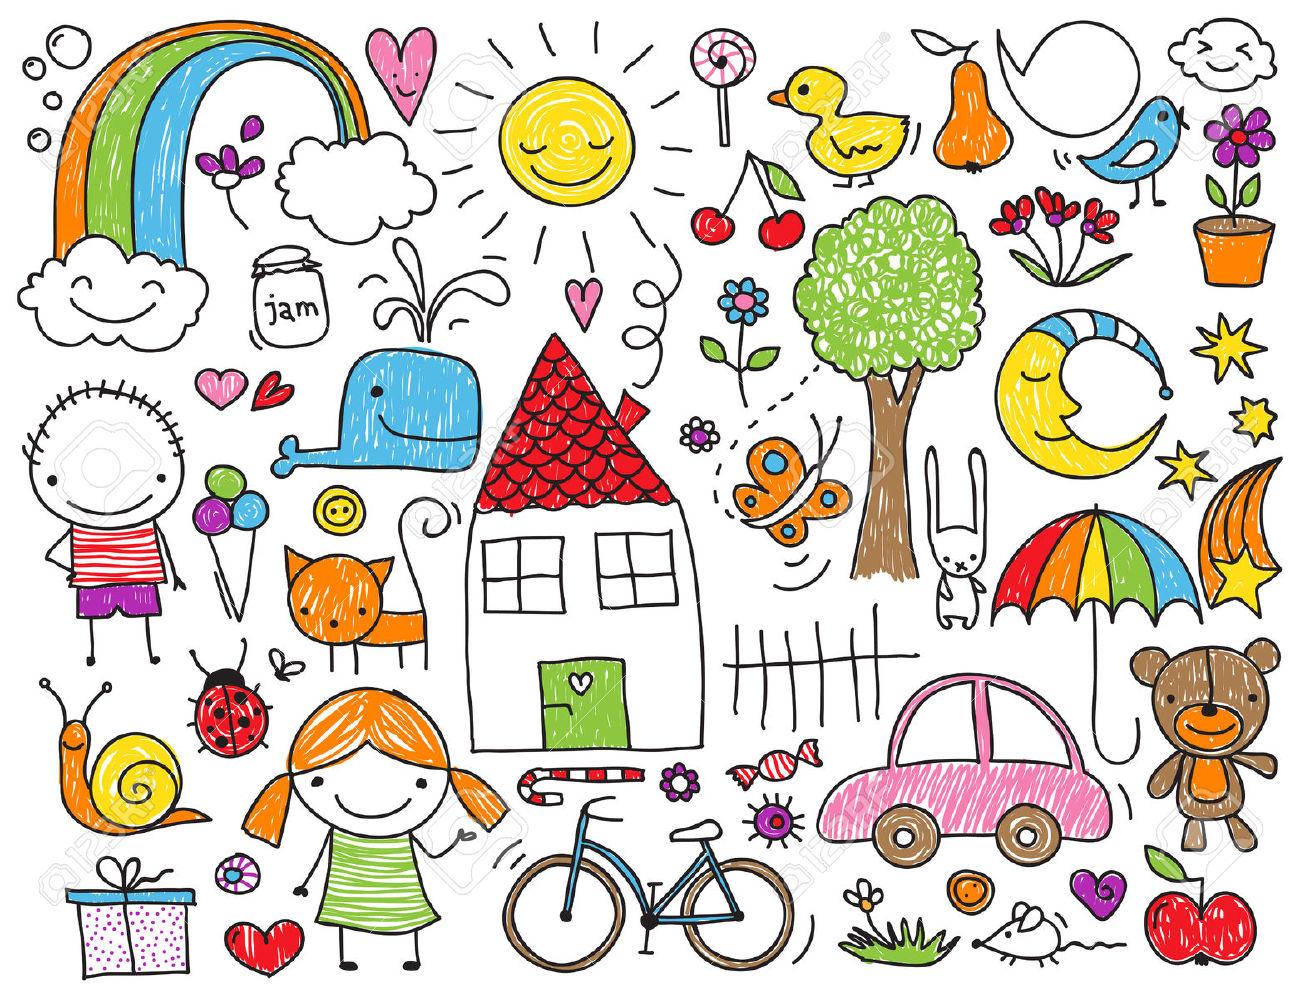 Сайт веселых идей для родителей и детей